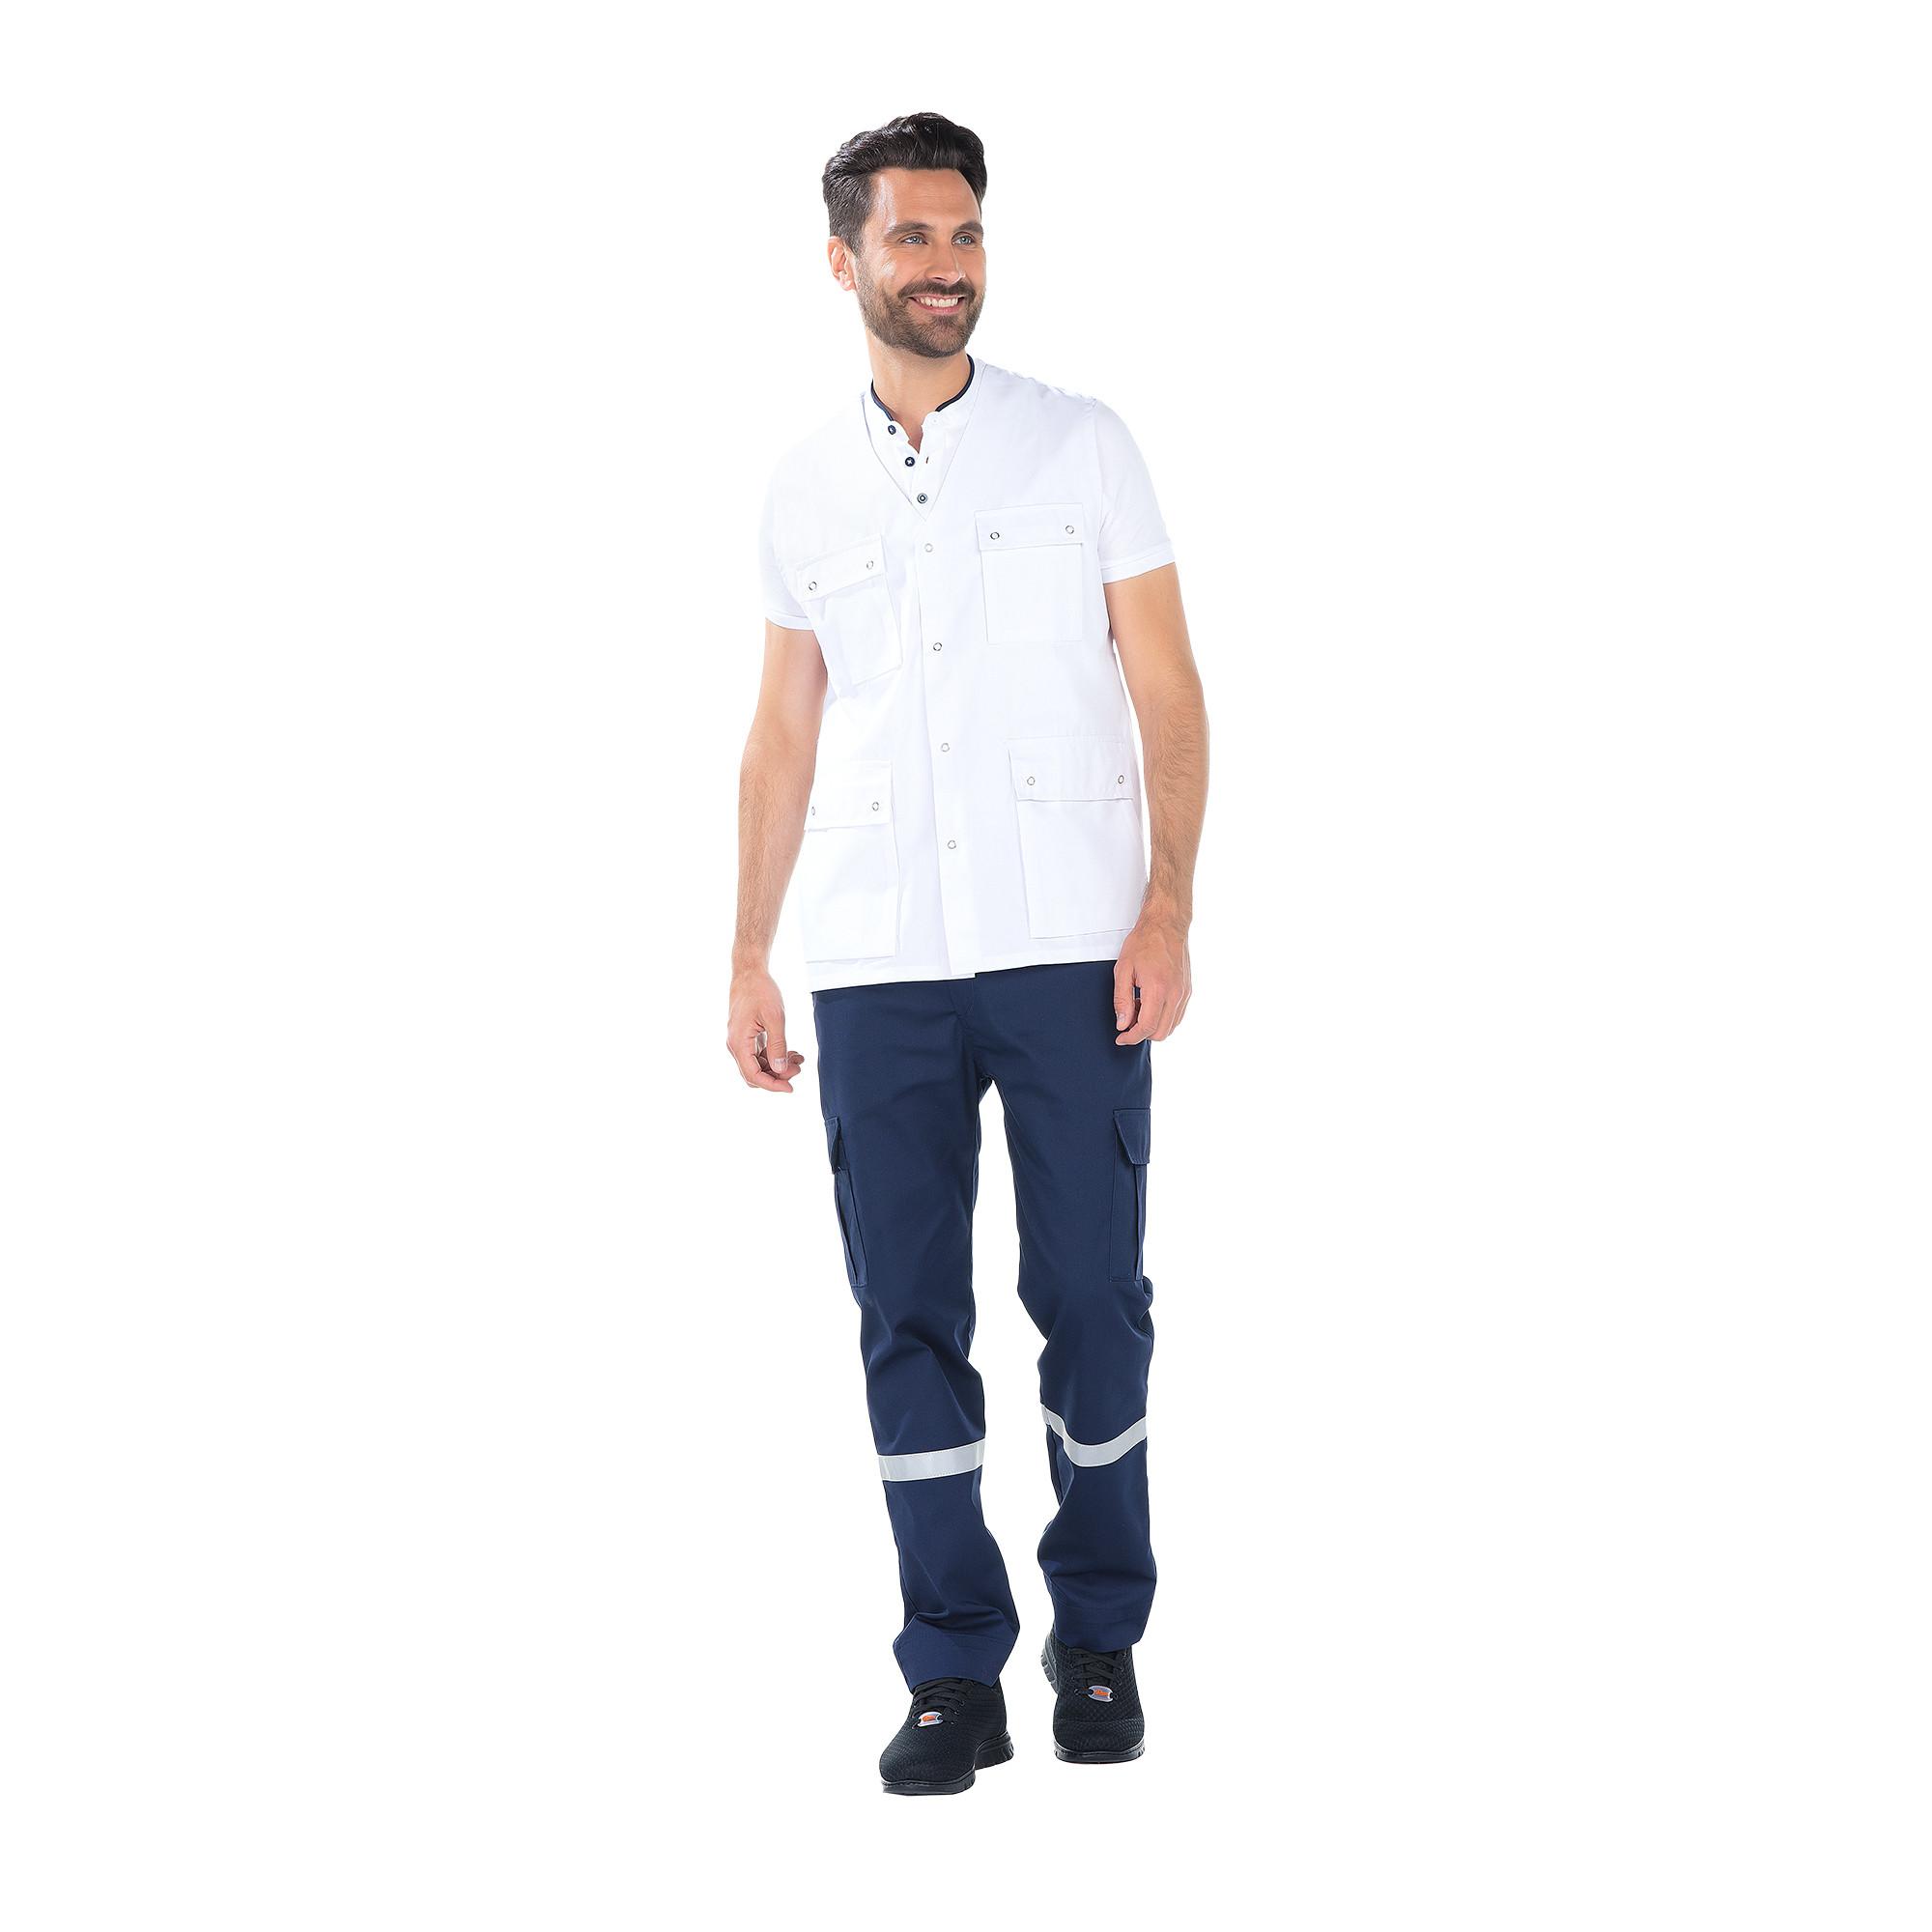 Ben - Gilet - Sans manche - Homme - 75 cm